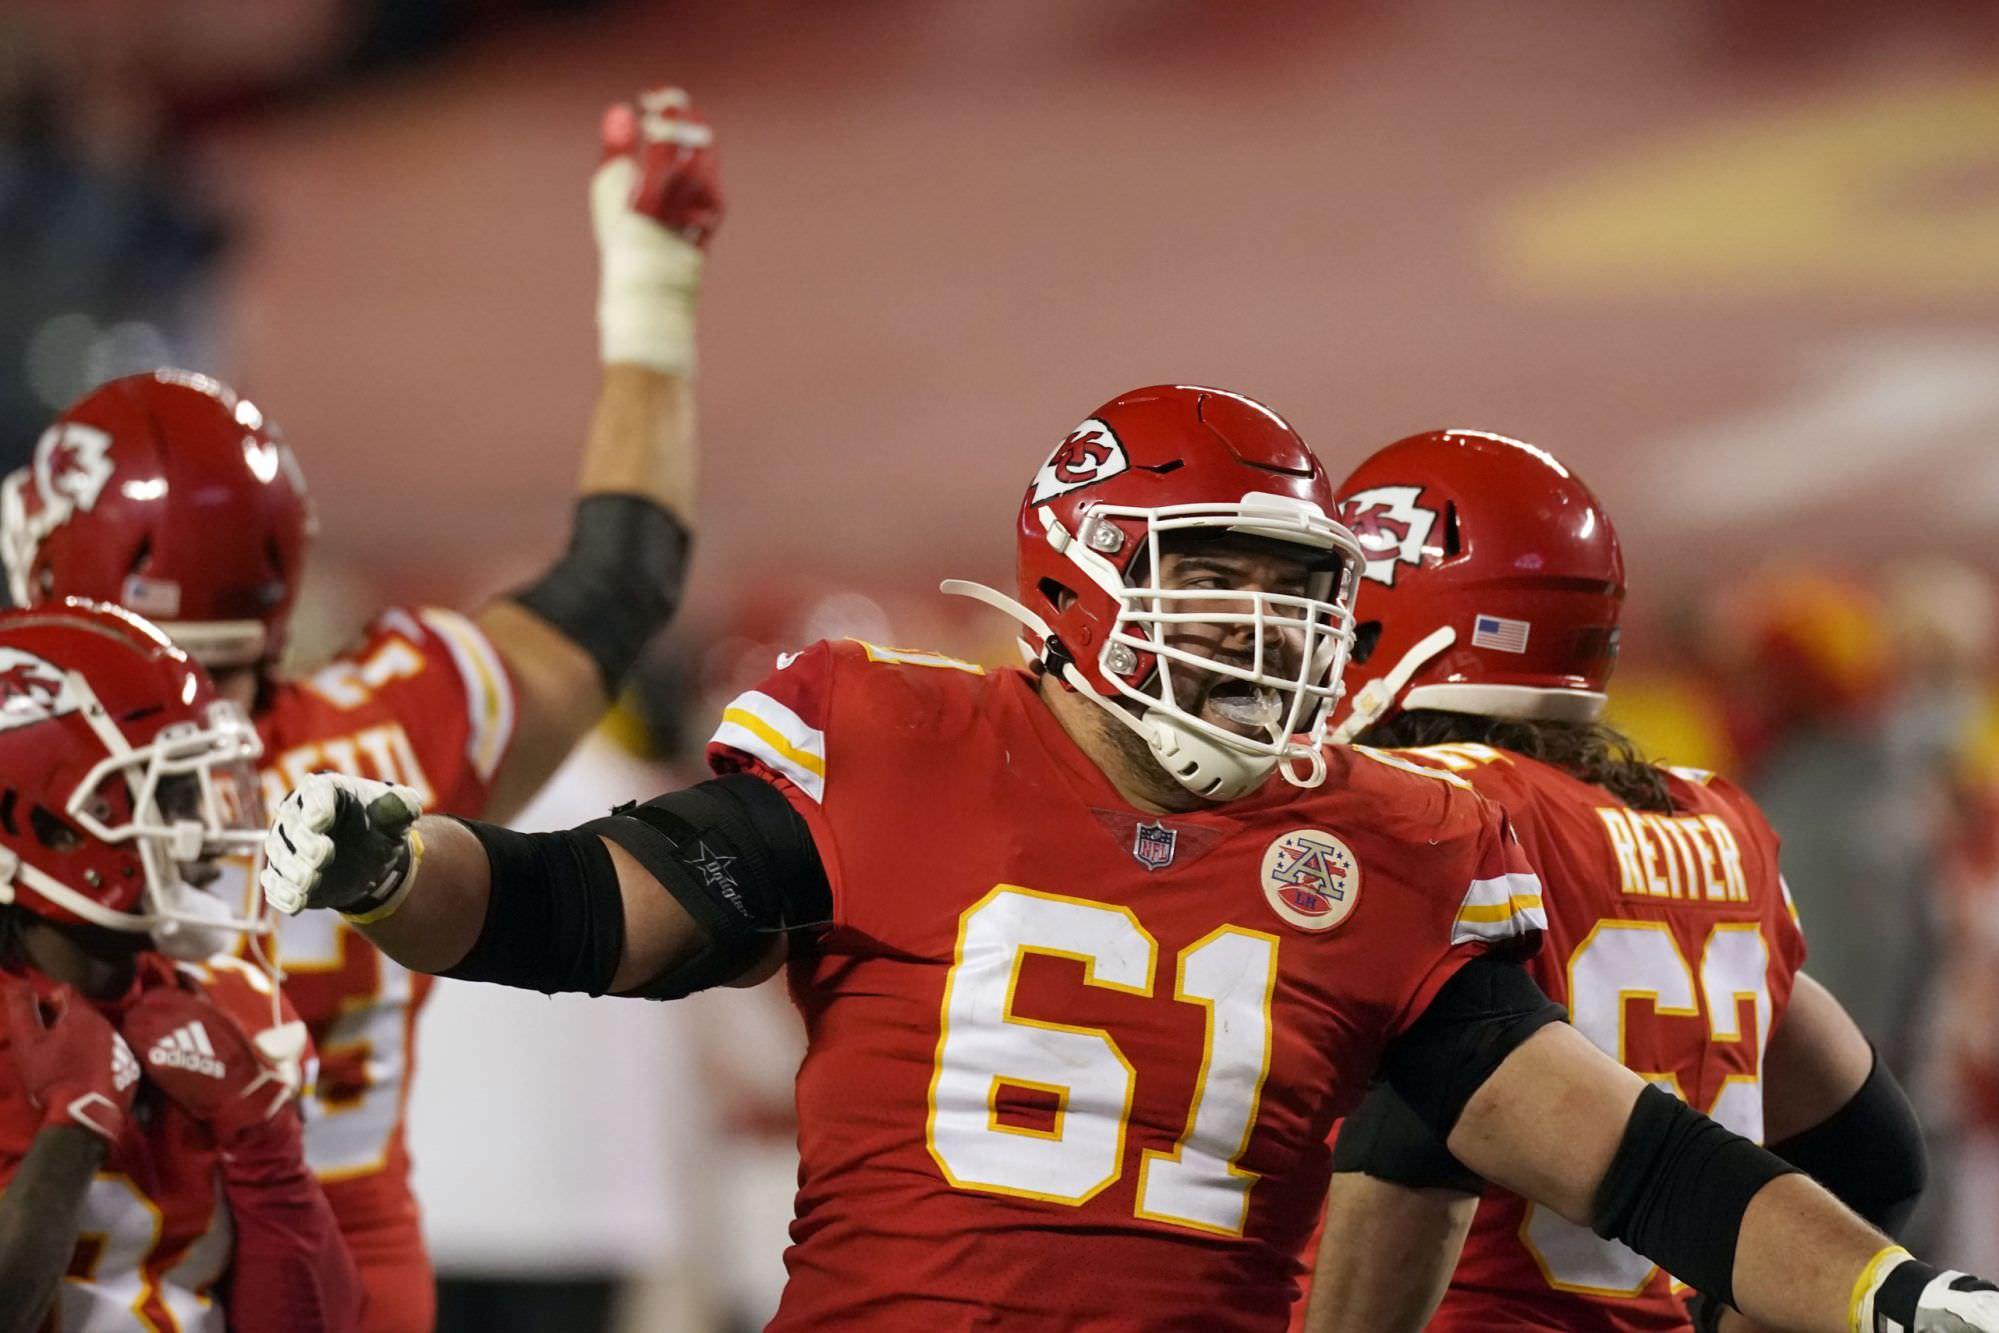 Chiefs seguindo patchwork O-line no Super Bowl vs Bucs